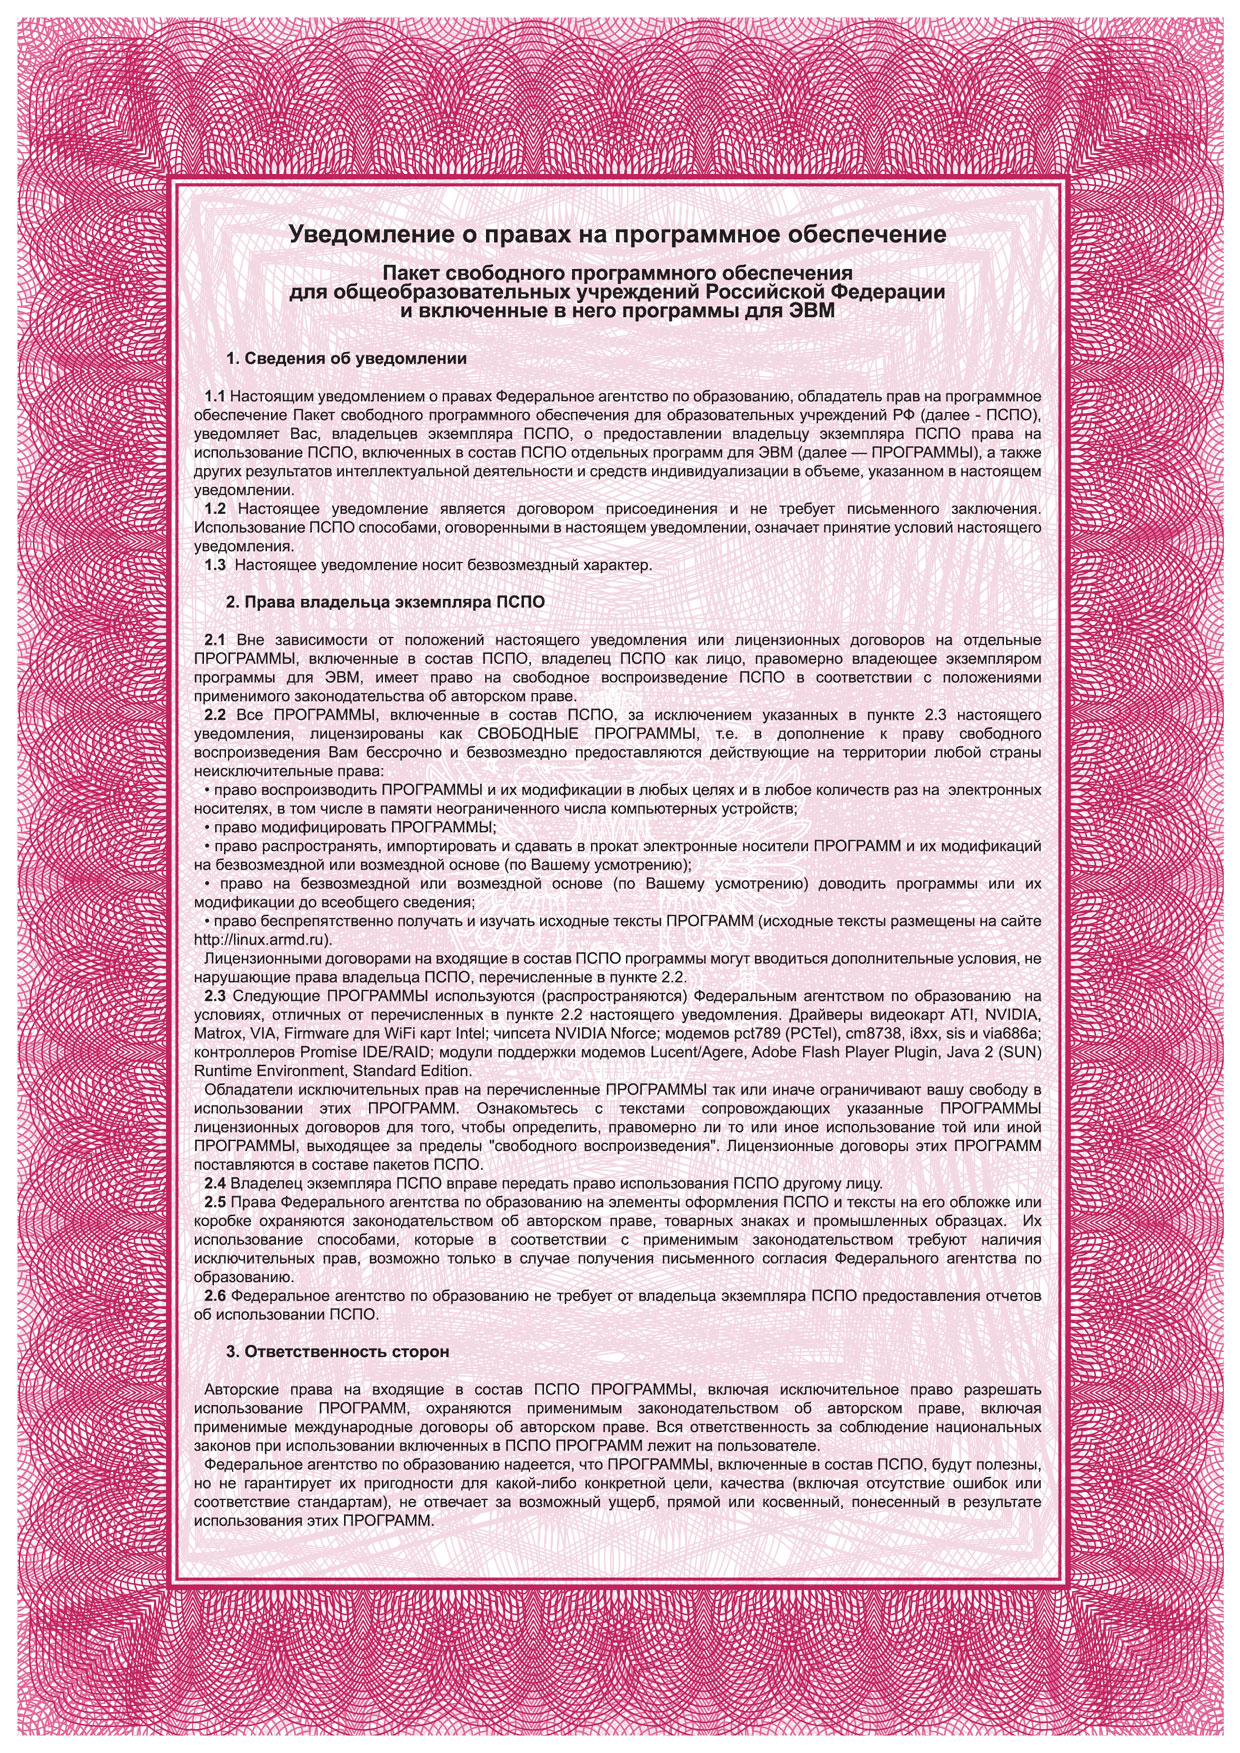 Ответственность Сторон Лицензионного Договора